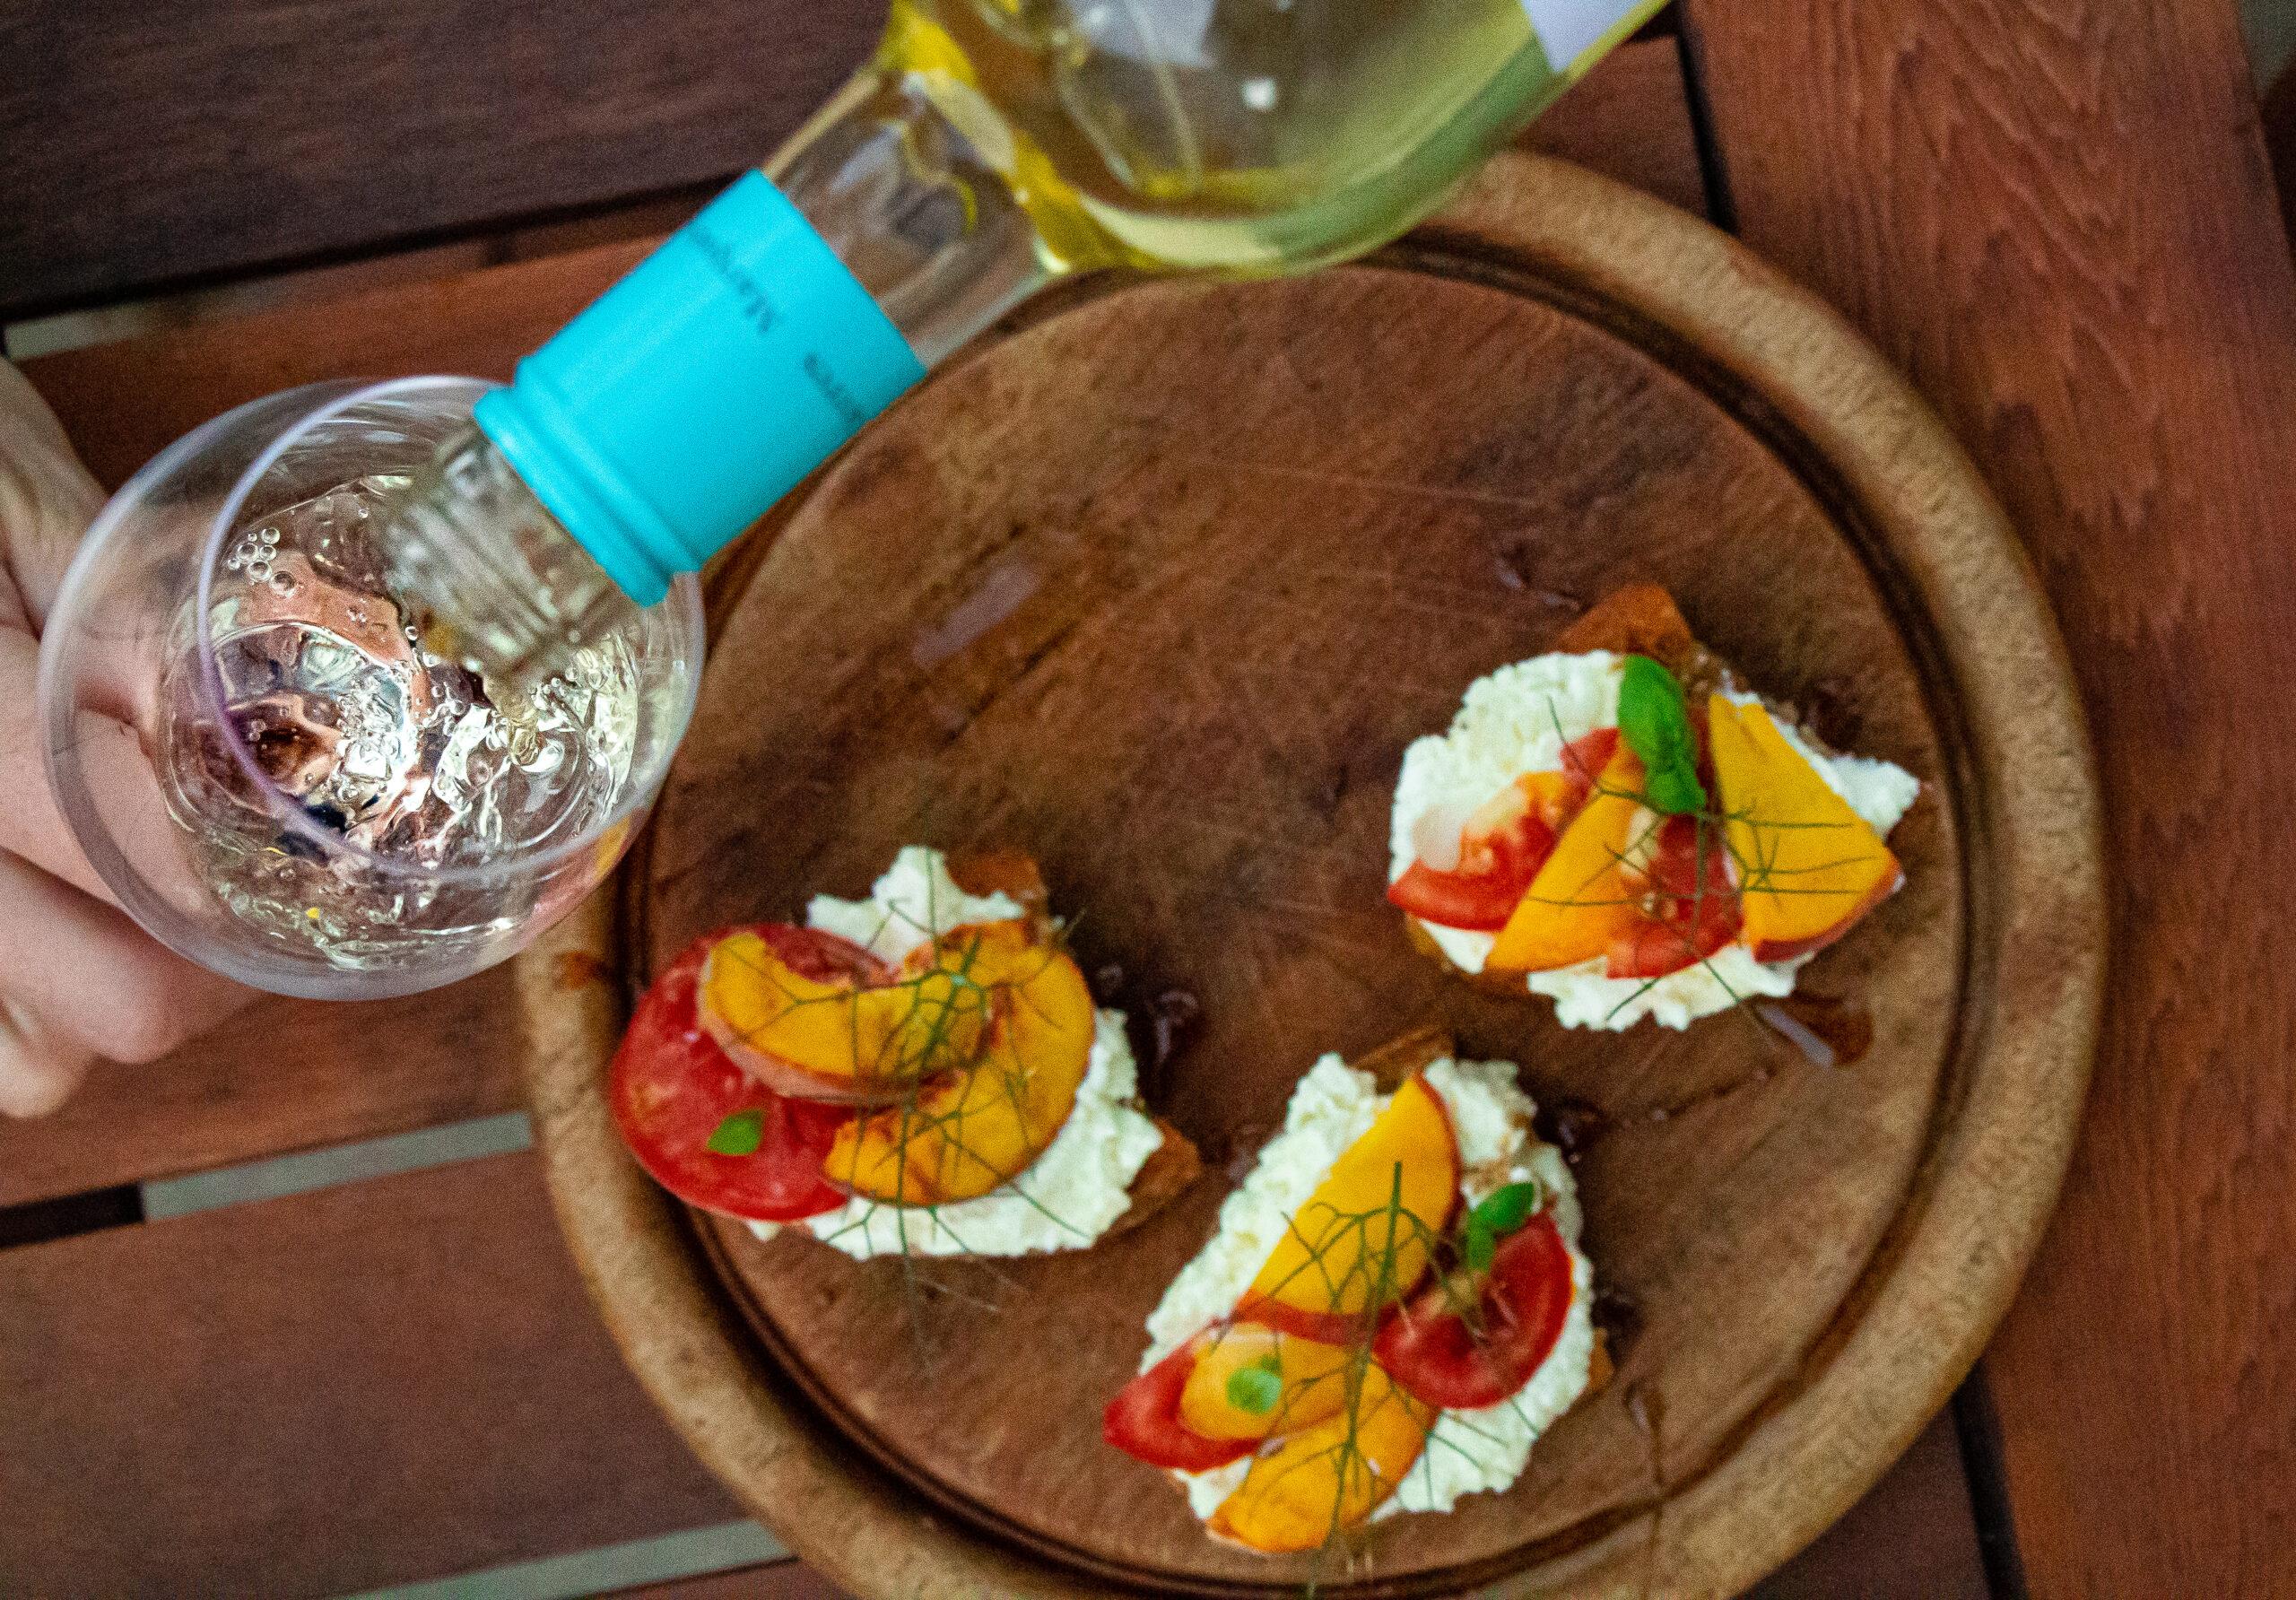 Bruschetta mit Tomate und Pfirsich, Glas Verdejo wird eingeschenkt